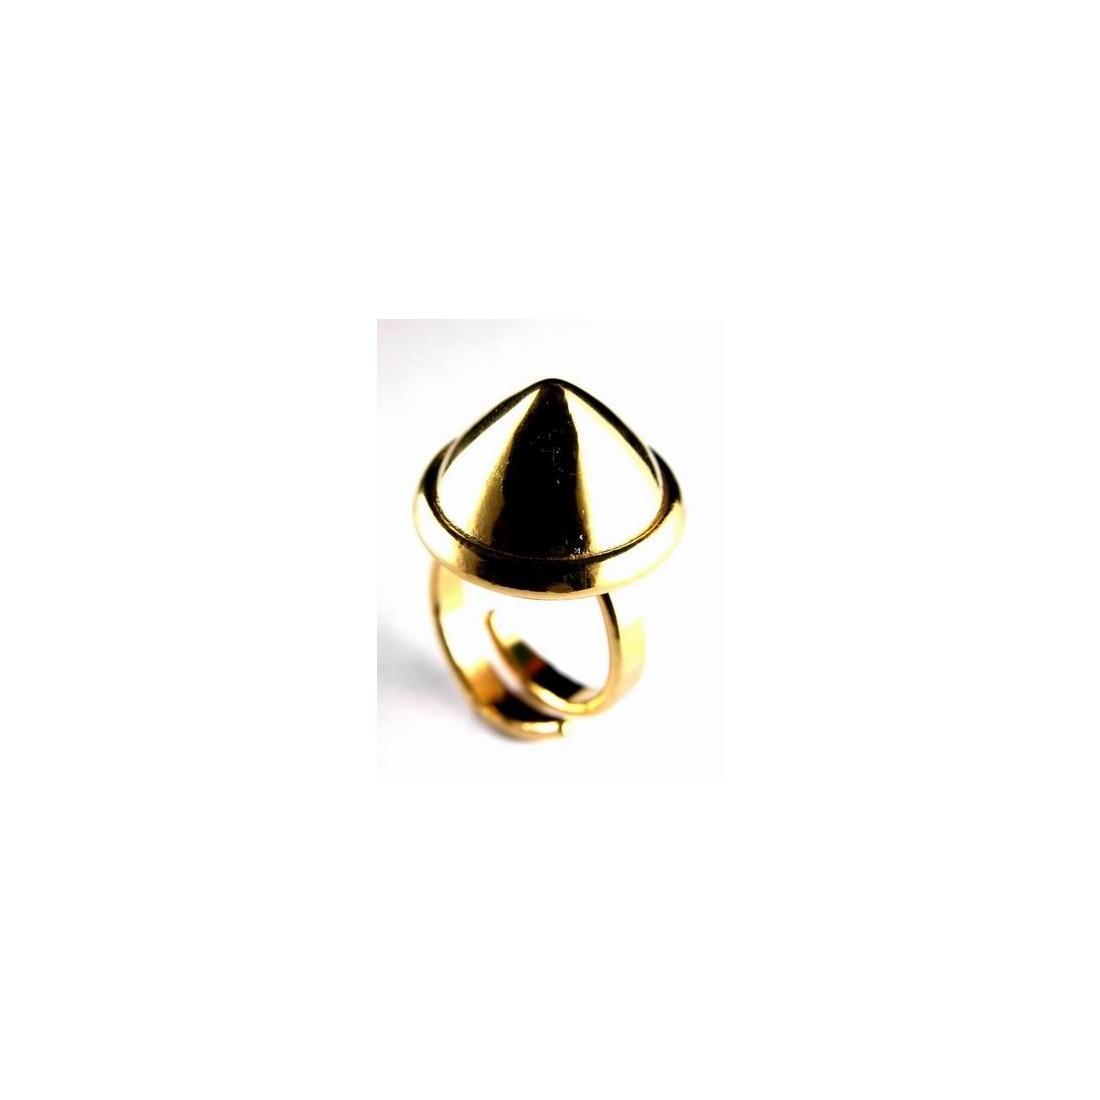 Bague artisanale, plaquée or, création française